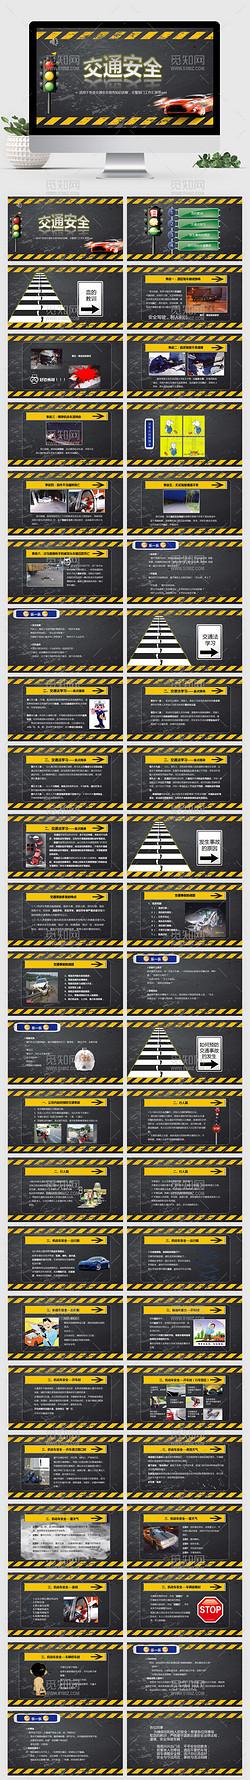 黑色街道背景交通安全教育ppt模板